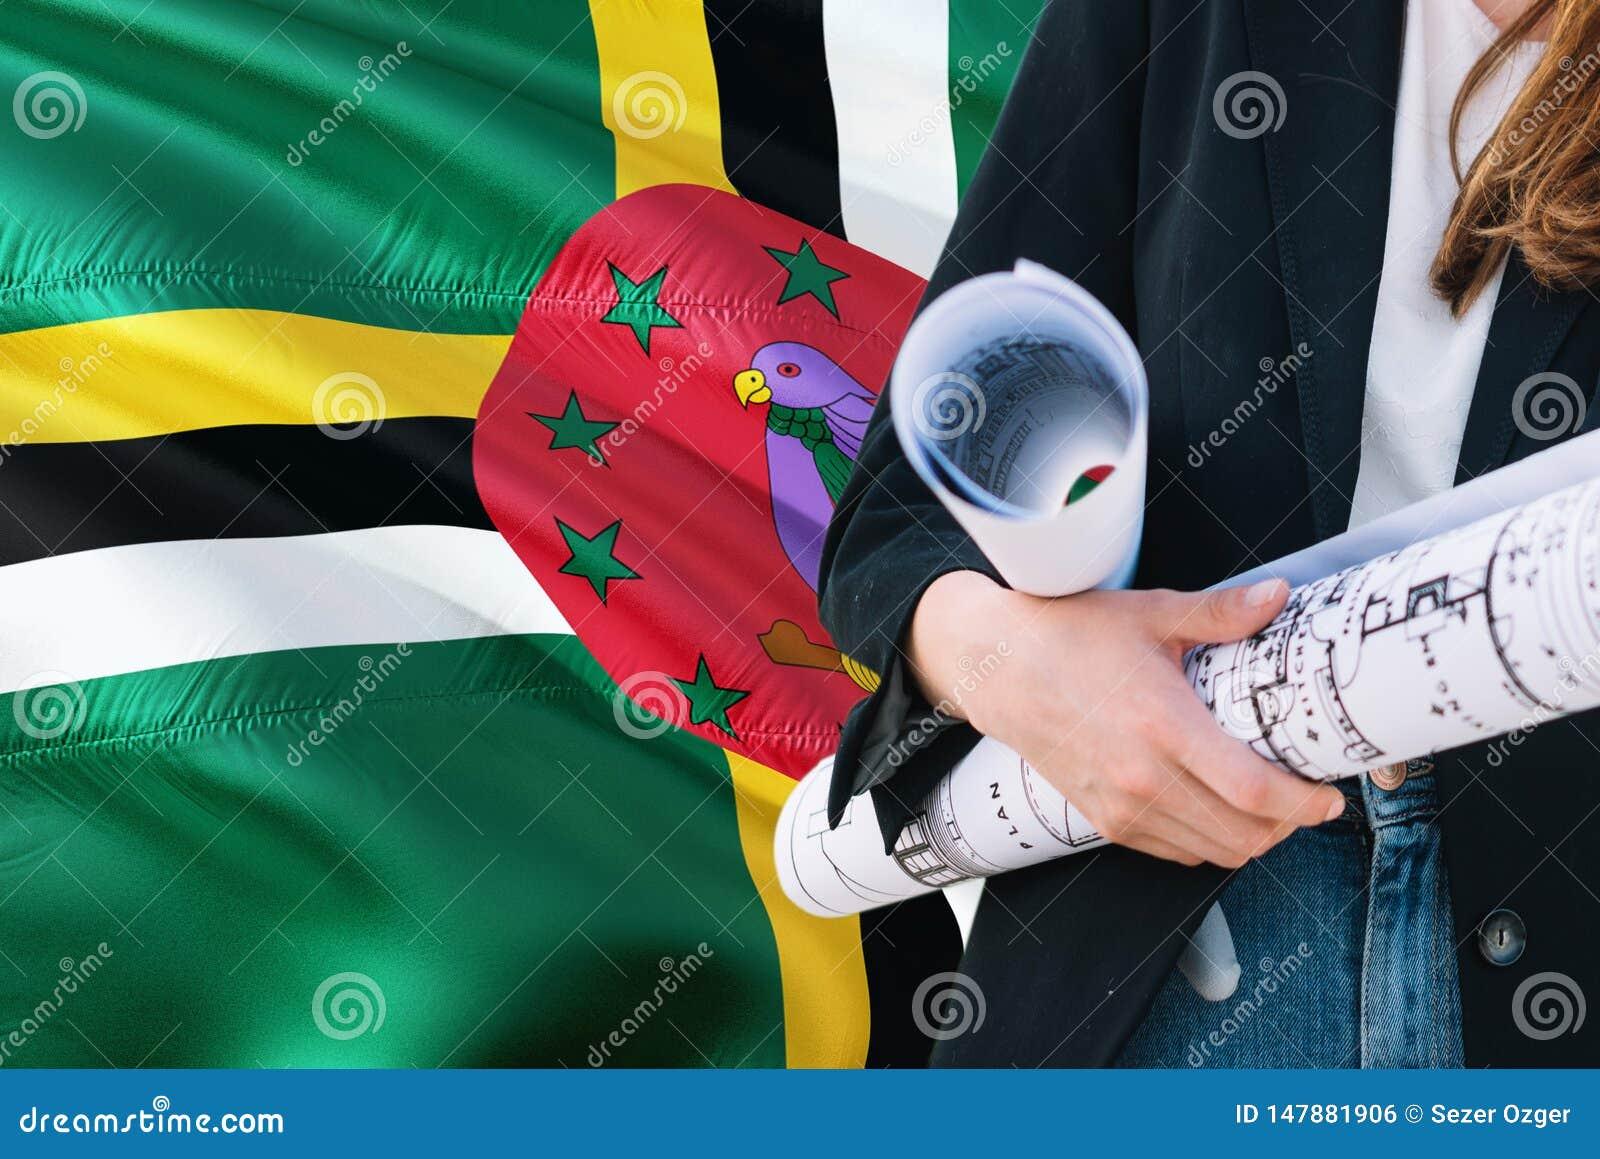 Modello domenicano della tenuta della donna dell architetto contro il fondo d ondeggiamento della bandiera della Dominica Concett